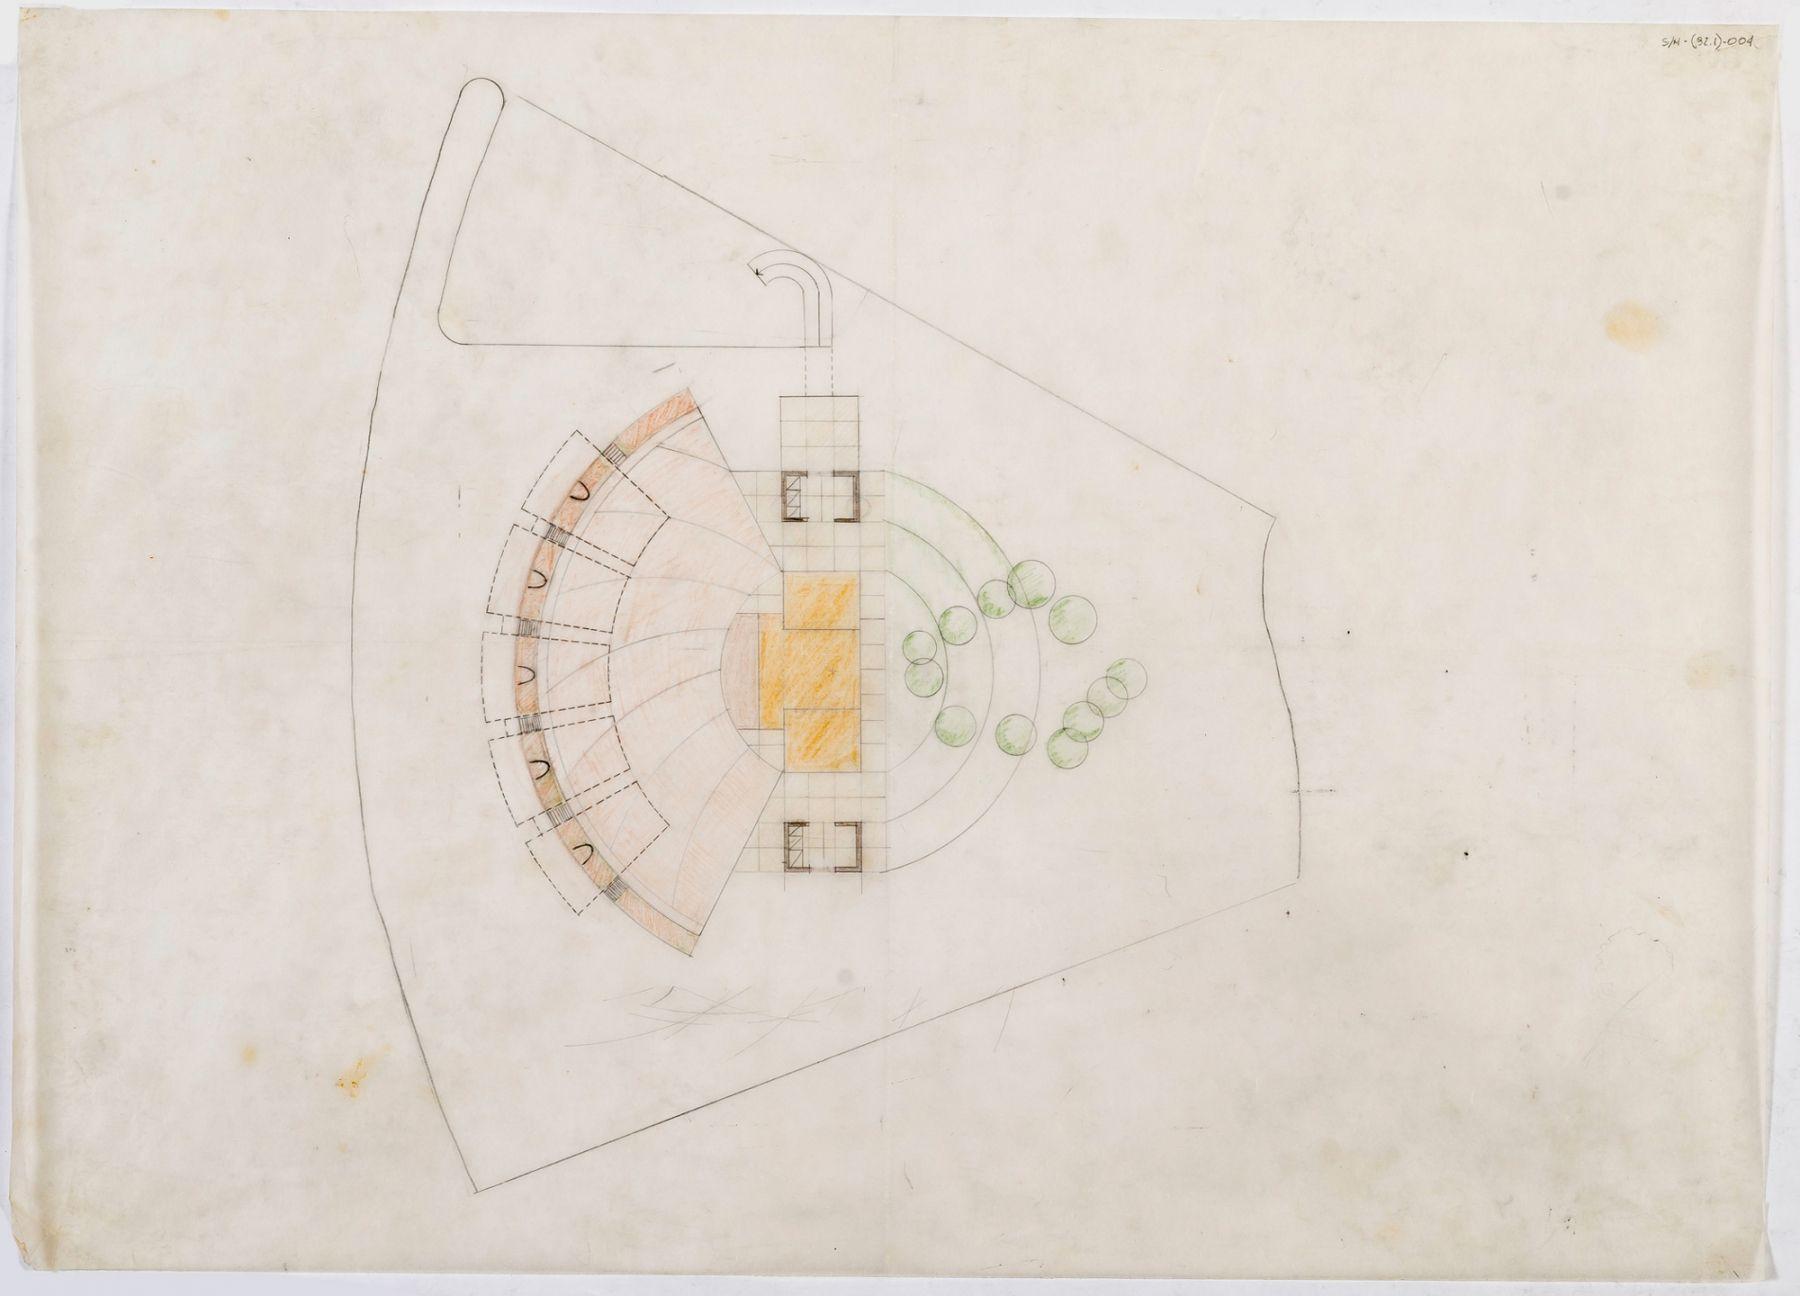 Concurso anfiteatro Parque Centenario